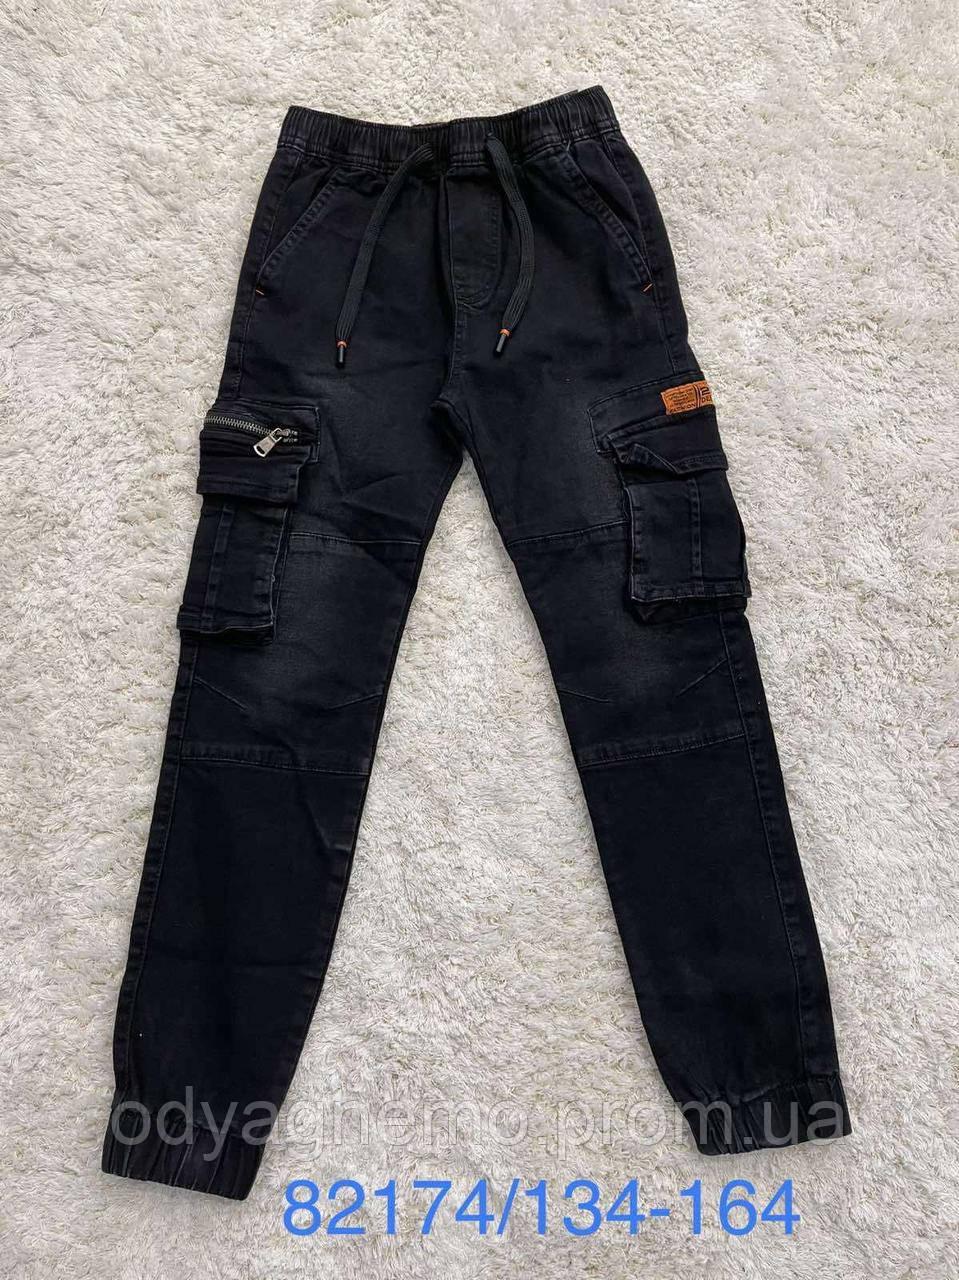 Джинсові брюки для хлопчиків Seagull, Артикул: CSQ82174, 134-164 рр.